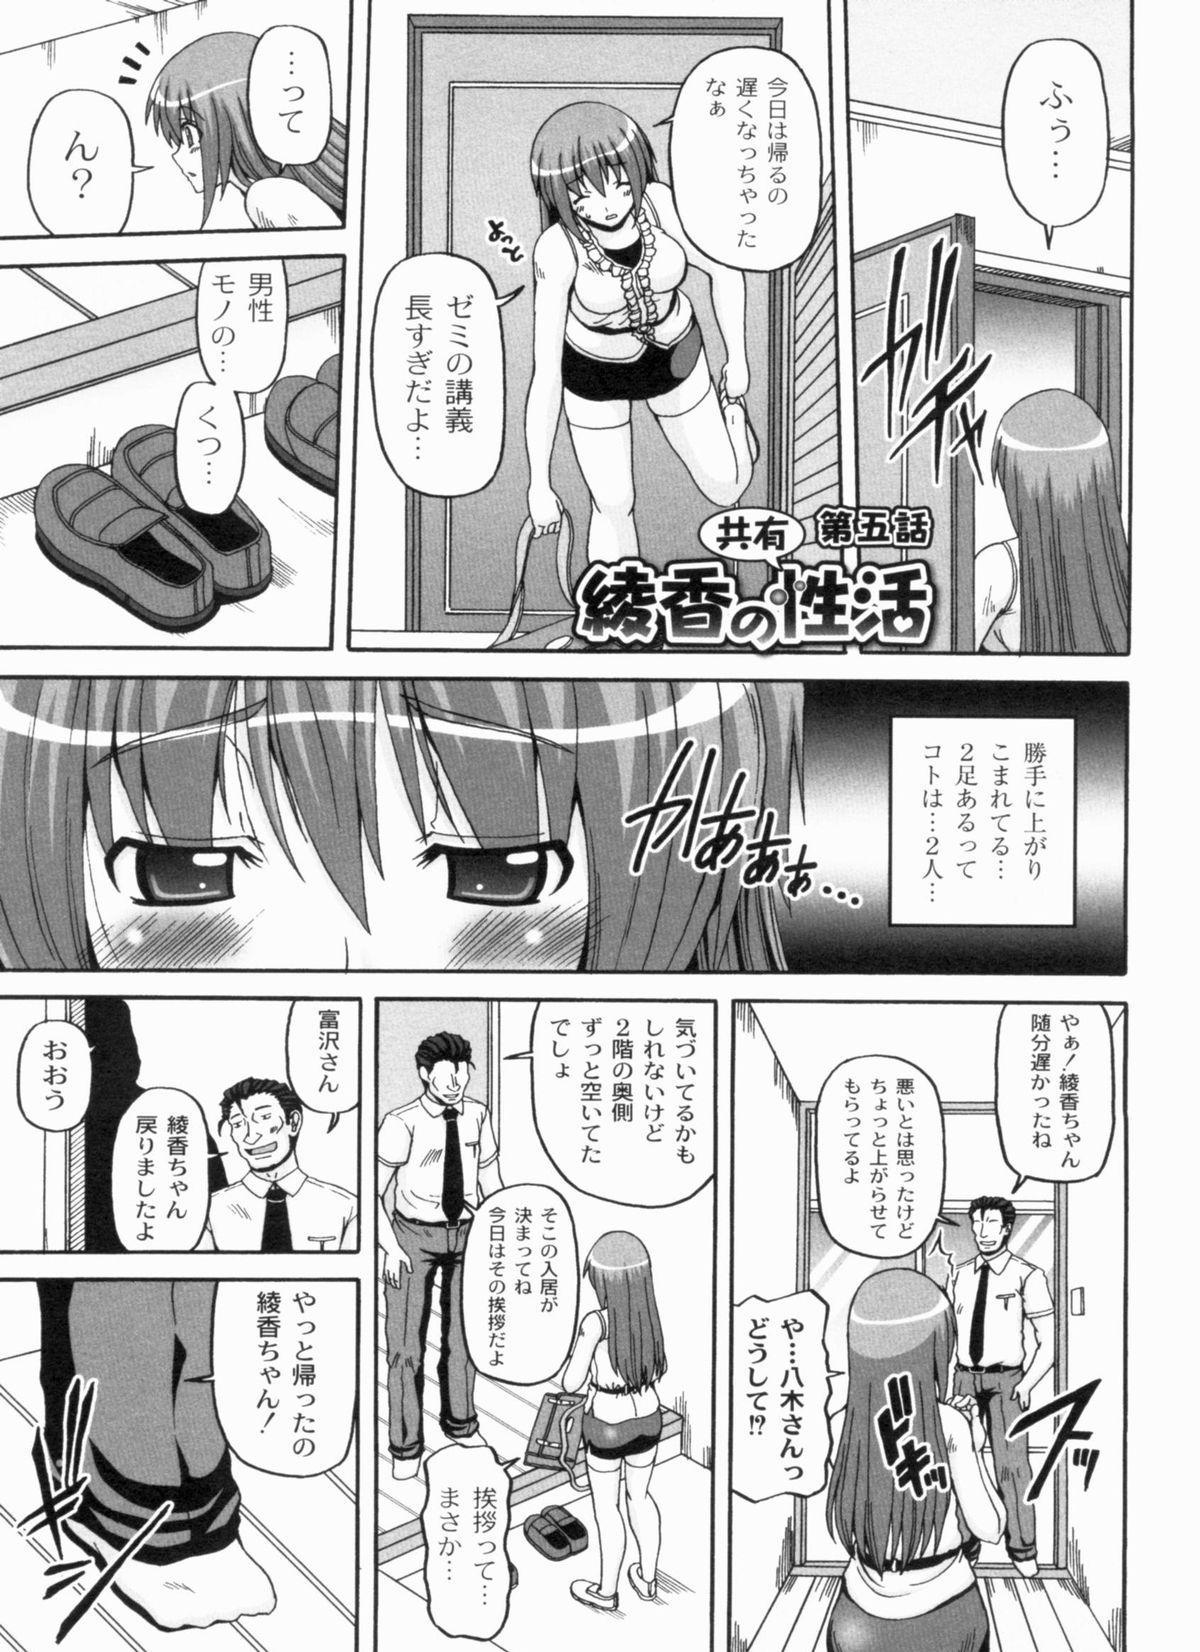 Ayaka no Kyouyuu Seikatsu 88